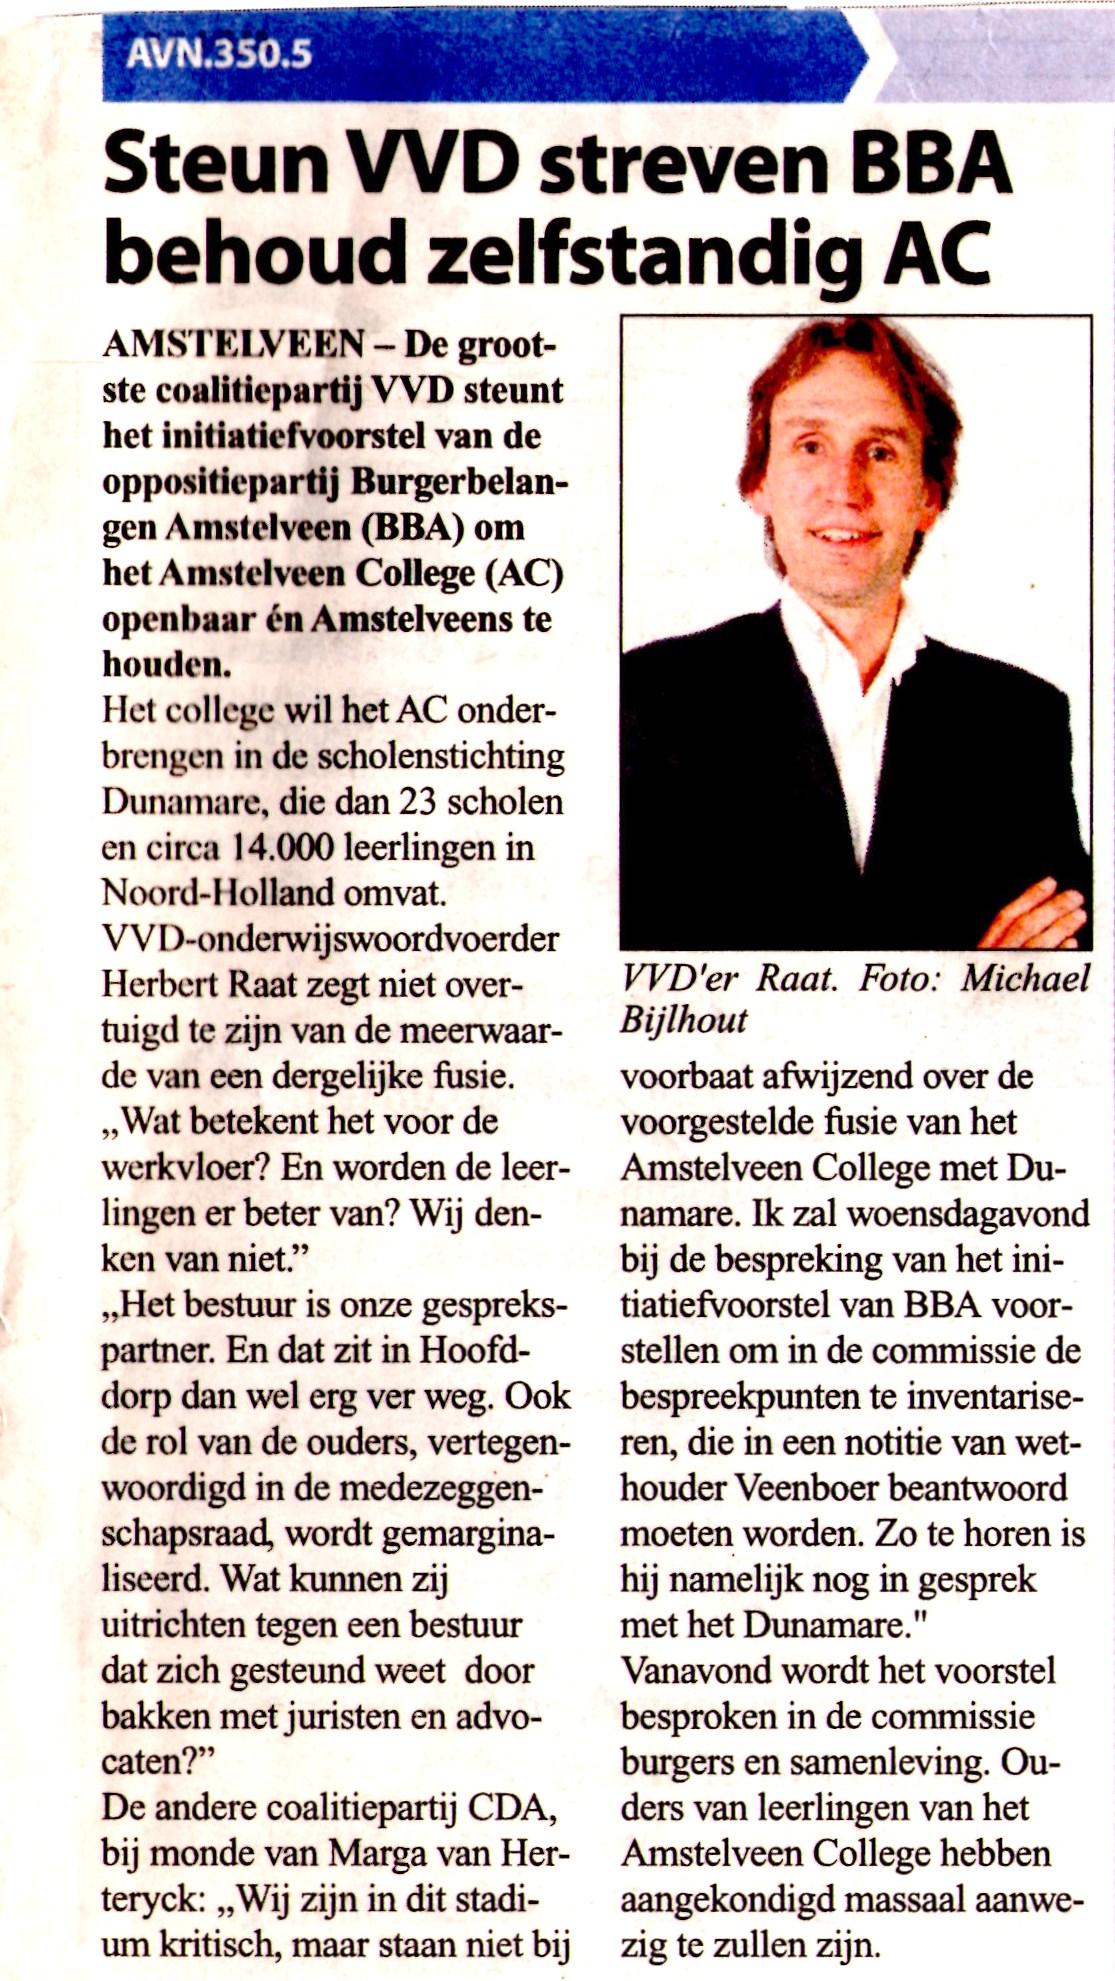 2008-24-9 Amstelveen College zelfstandig Amstelveens Nieuwsblad (2)